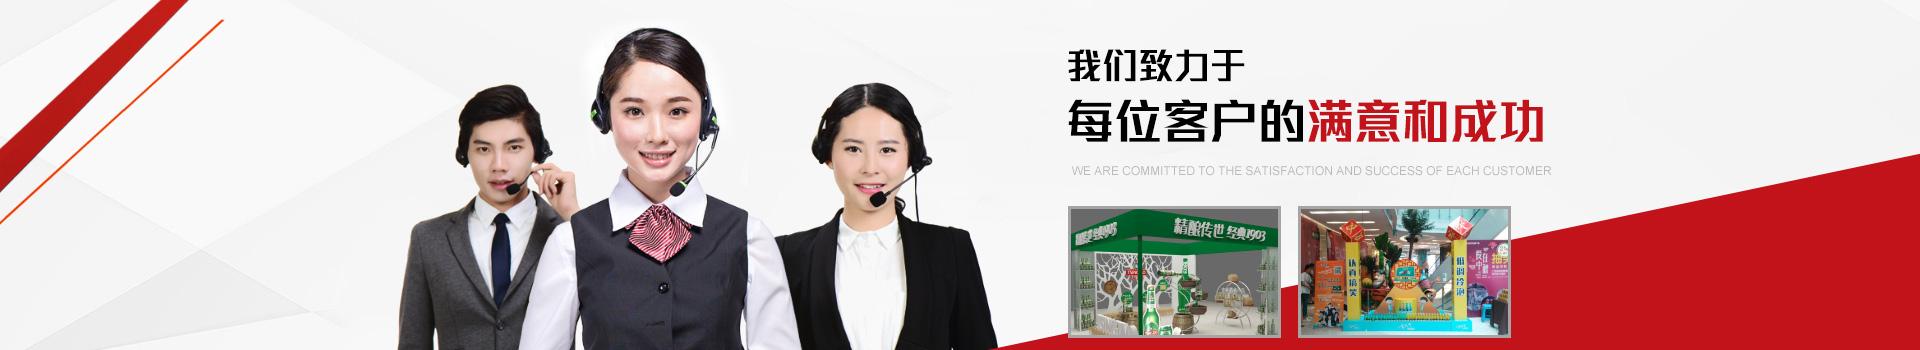 联系博采广告